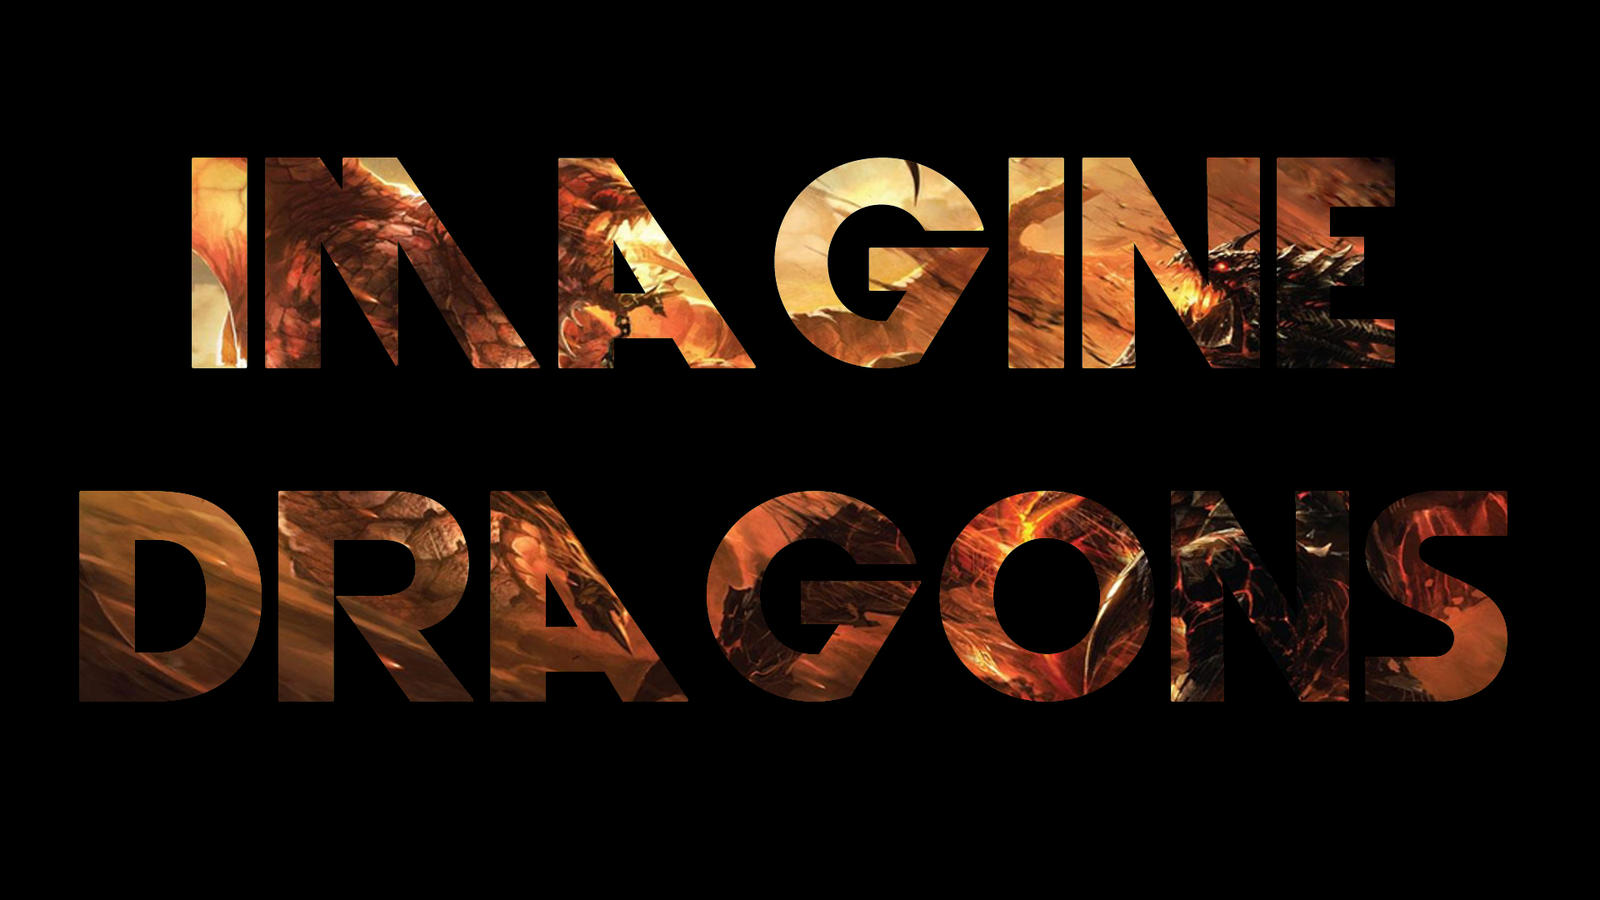 Resultado de imagen de imagine dragons logo